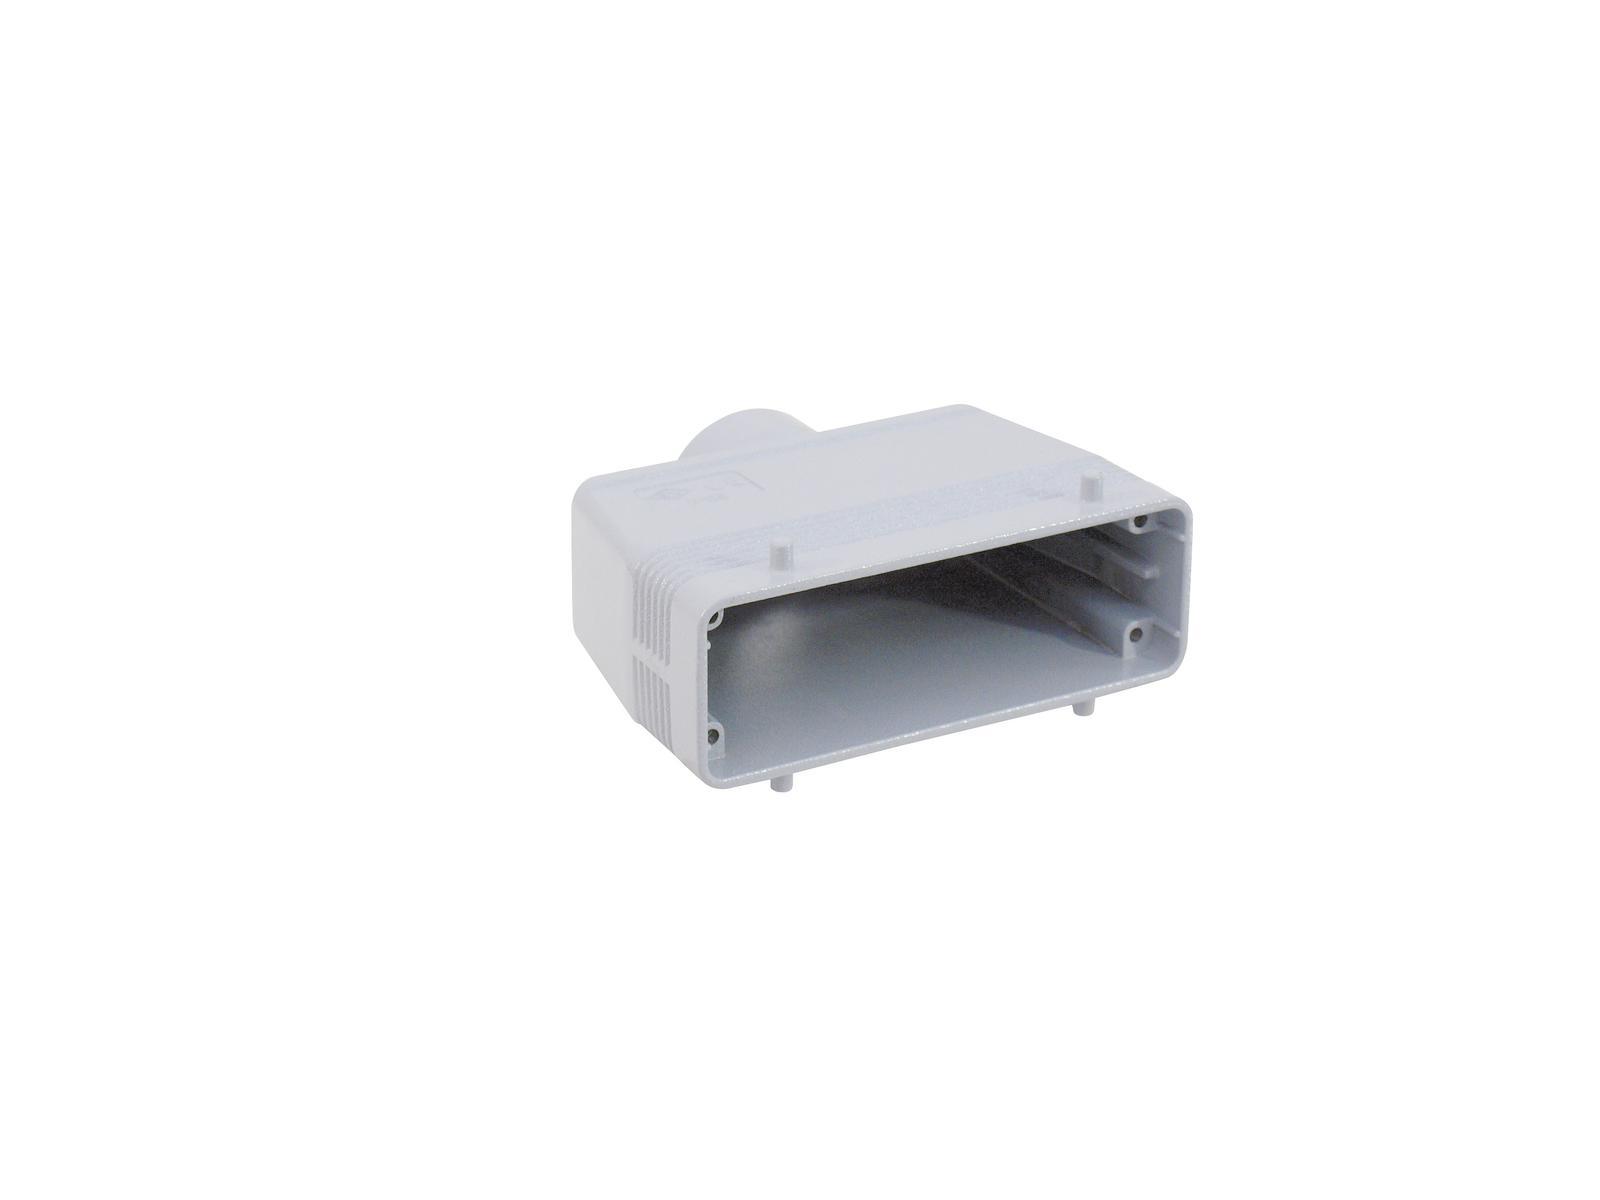 ILME Presa involucro 24 pin, PG21, dritto, lungo